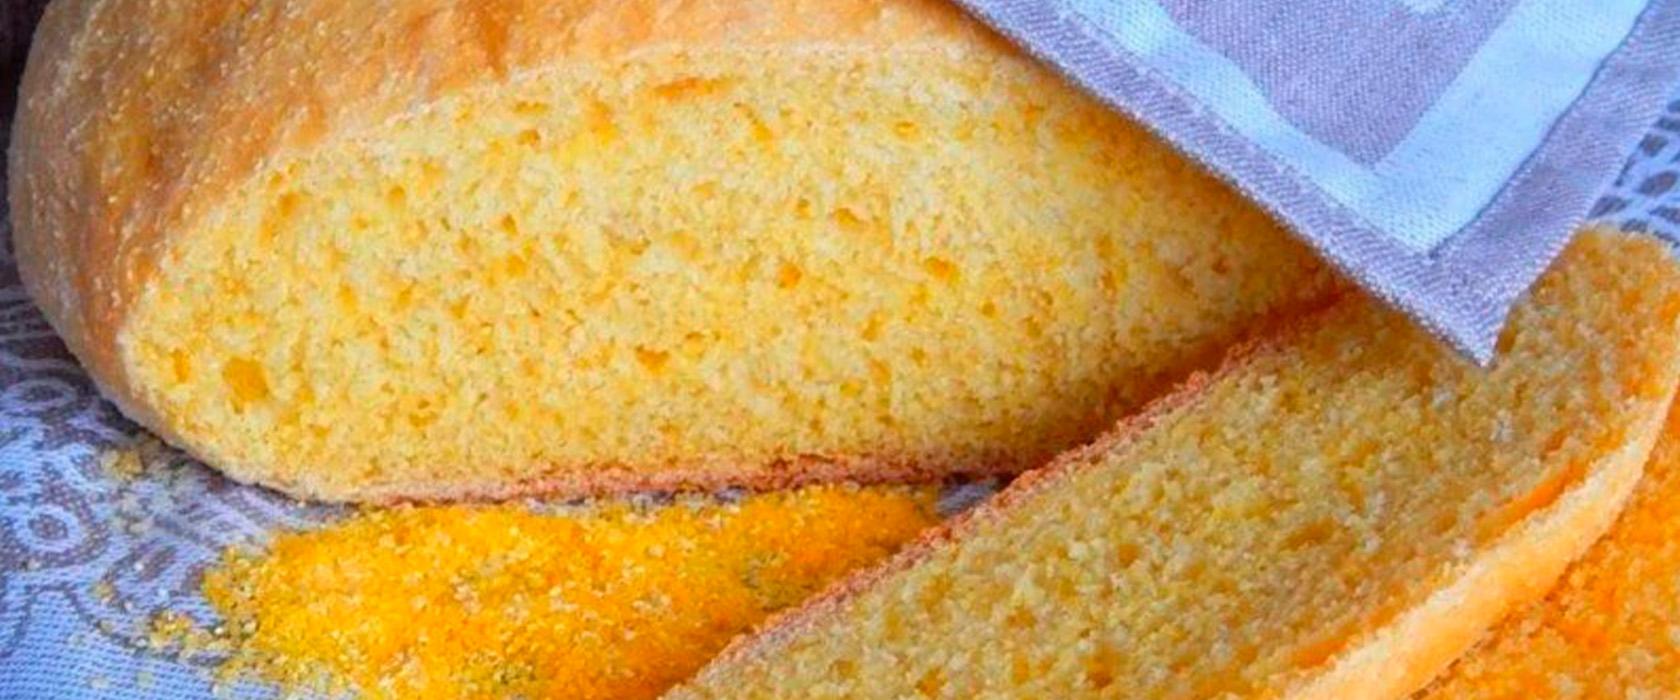 Можно ли есть кукурузный хлеб на диете